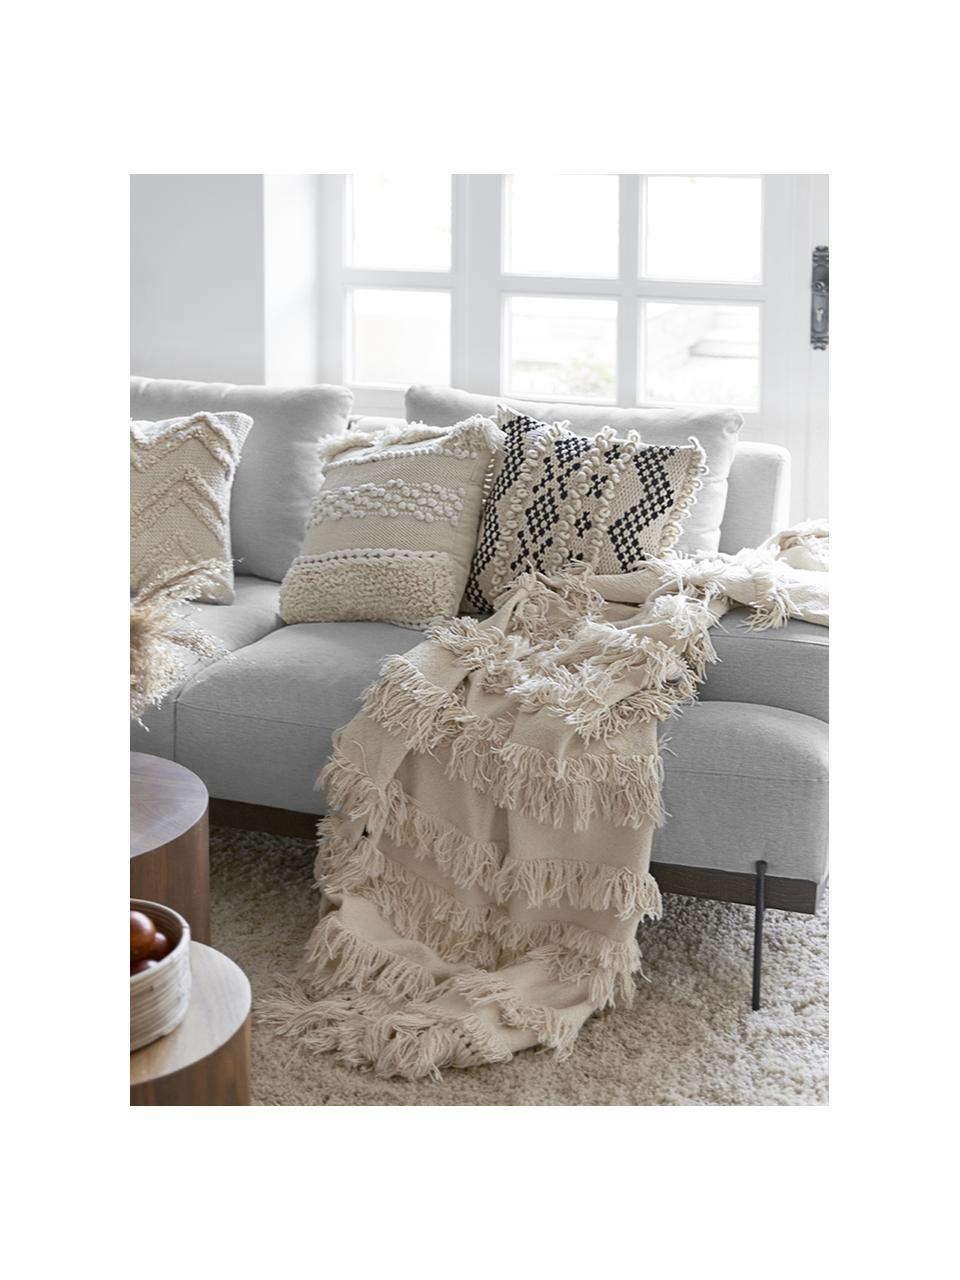 Sofa Brooks (3-Sitzer) in Grau mit Metall-Füßen, Bezug: Polyester Der Bezug weist, Gestell: Kiefernholz, massiv, Rahmen: Kiefernholz, lackiert, Füße: Metall, pulverbeschichtet, Webstoff Grau, 230 x 75 cm